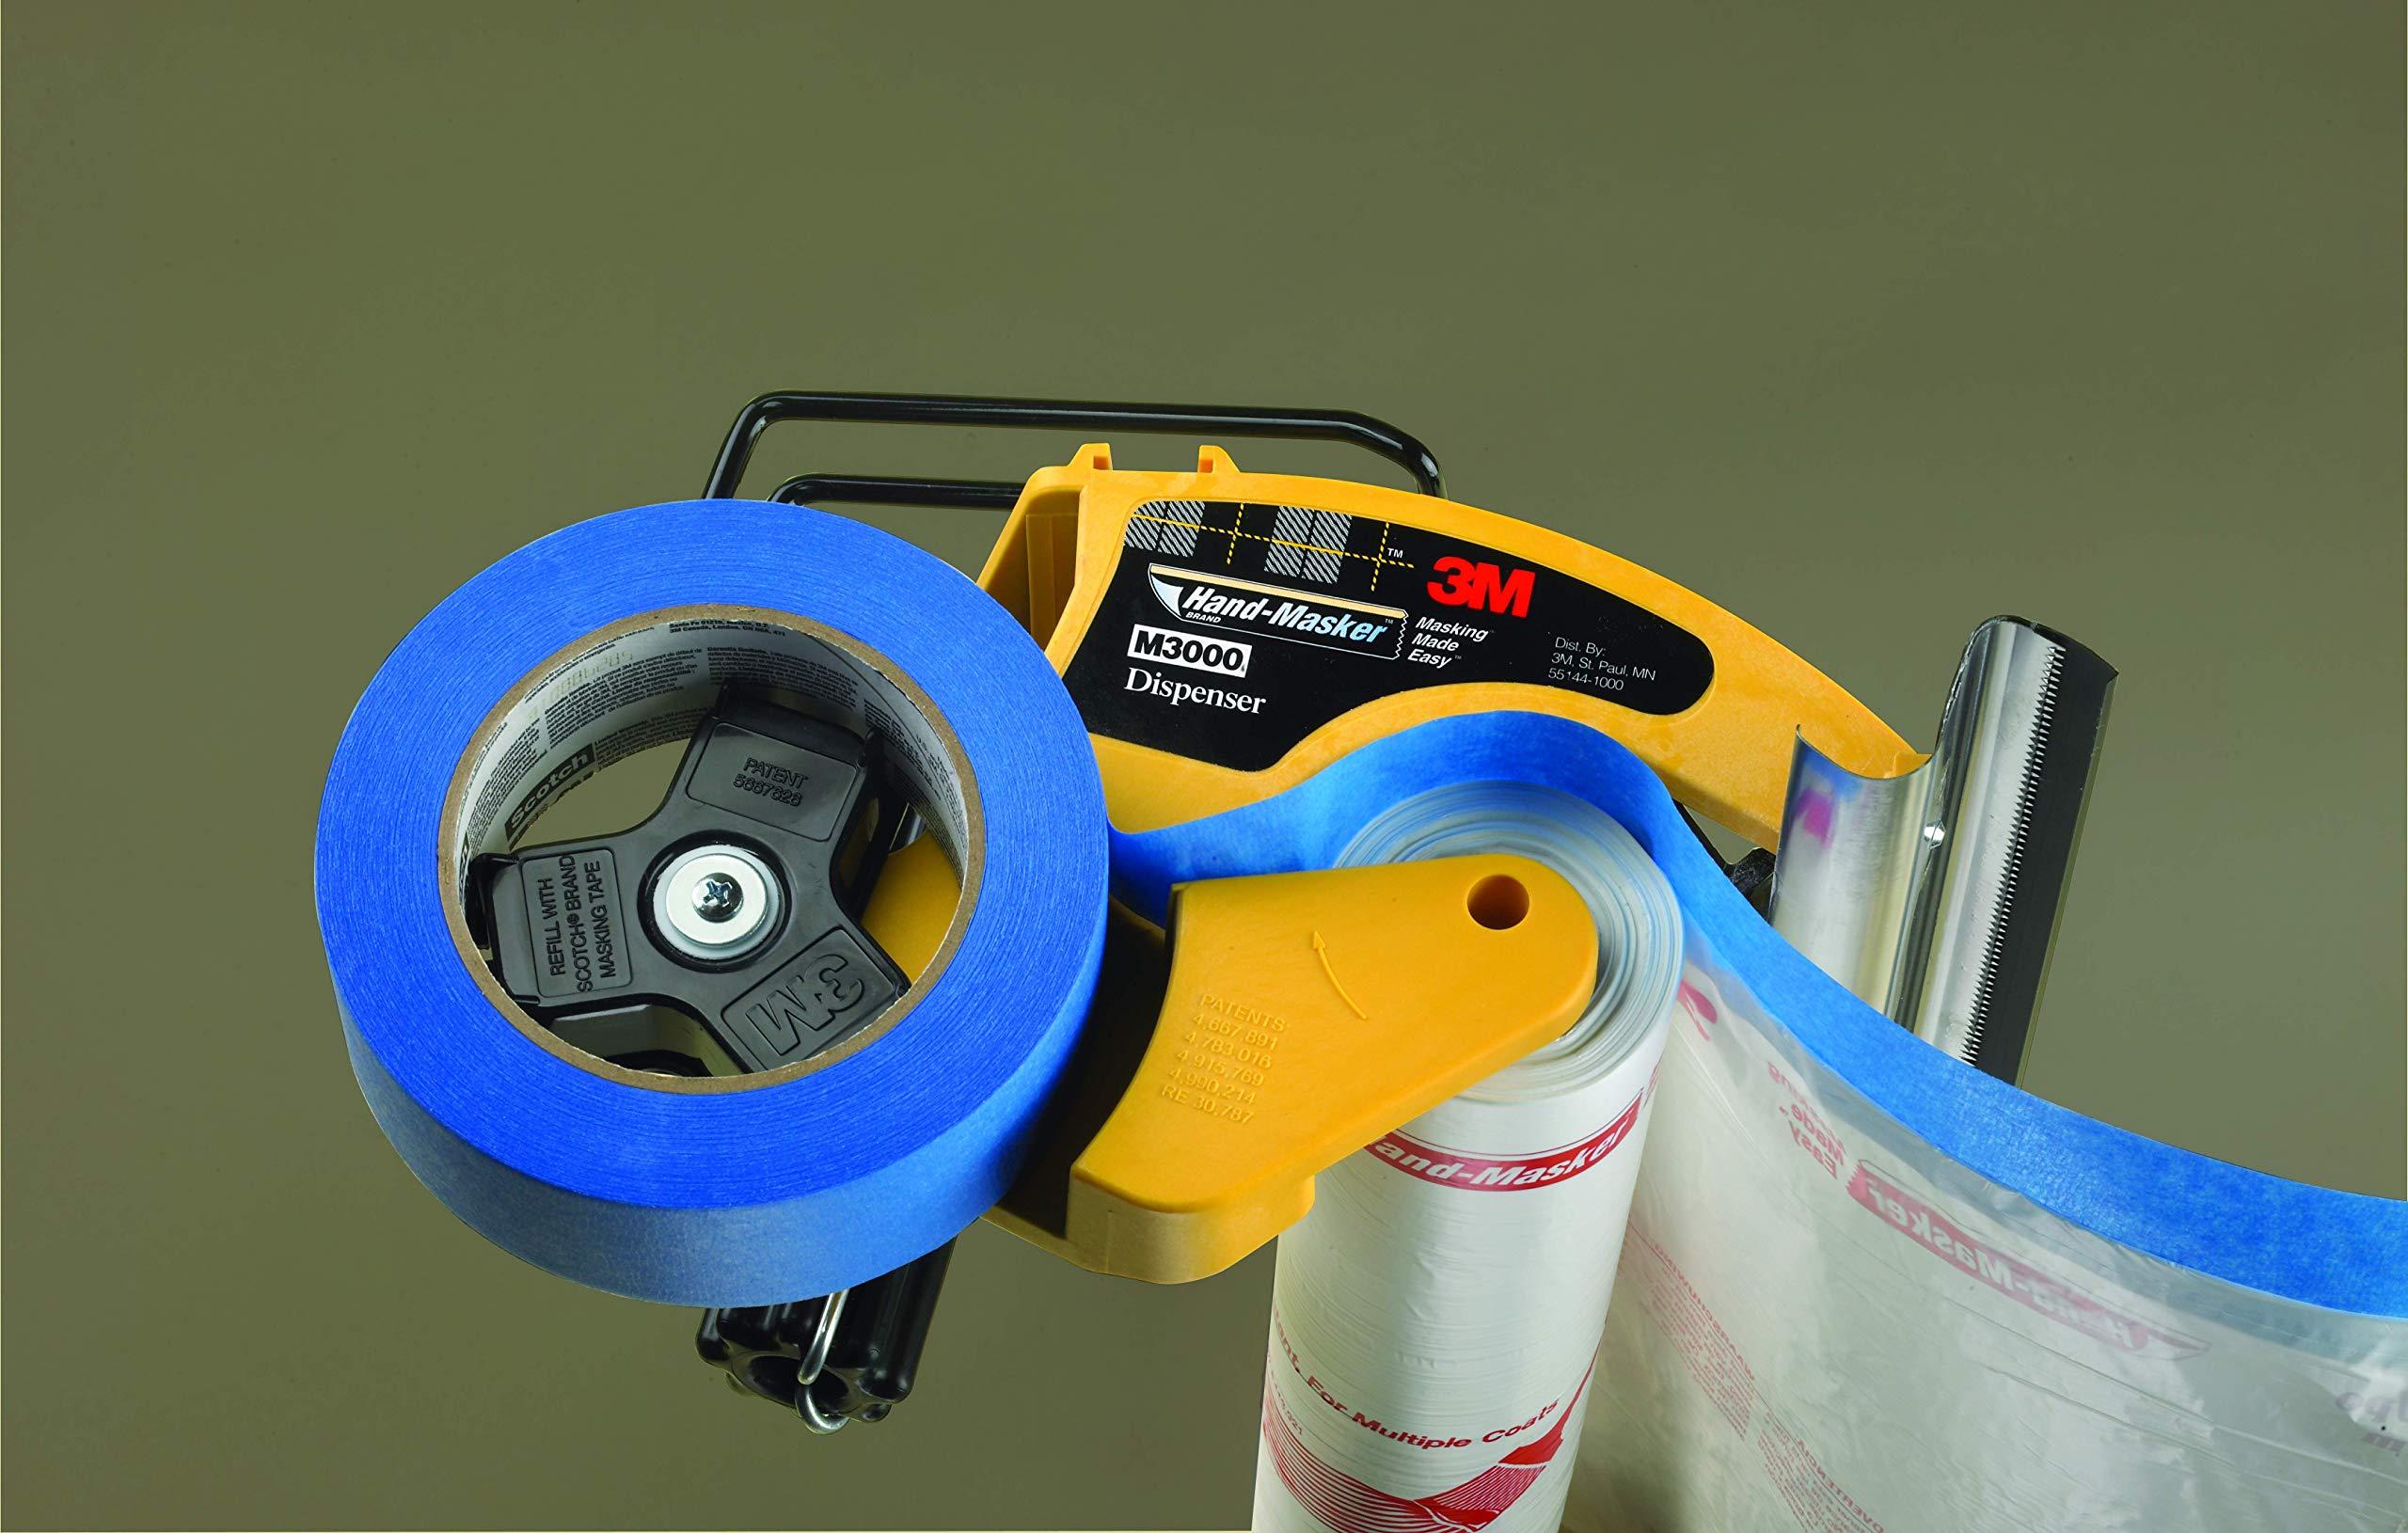 3M Pre-Assembled Masking Film & Tape Kit 1Ea (M3000-PAK-SC) by 3M (Image #4)